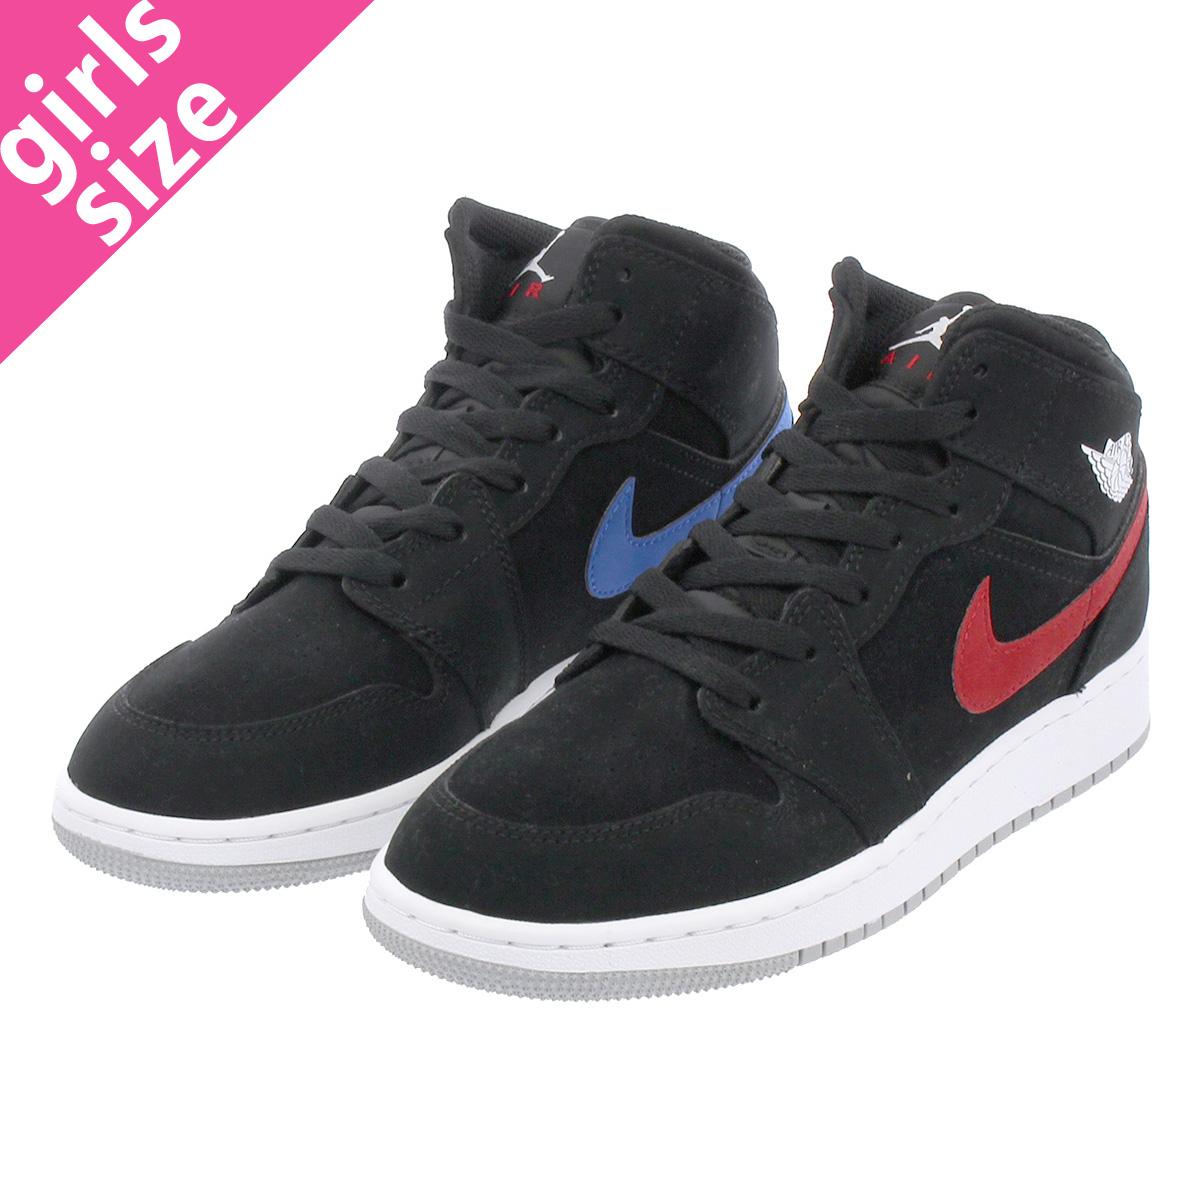 cheap for discount b4dc5 1f520 NIKE AIR JORDAN 1 MID BG Nike Air Jordan 1 mid BG  BLACK/WHITE/RED/YELLOW/BLUE/GREEN 554,725-065